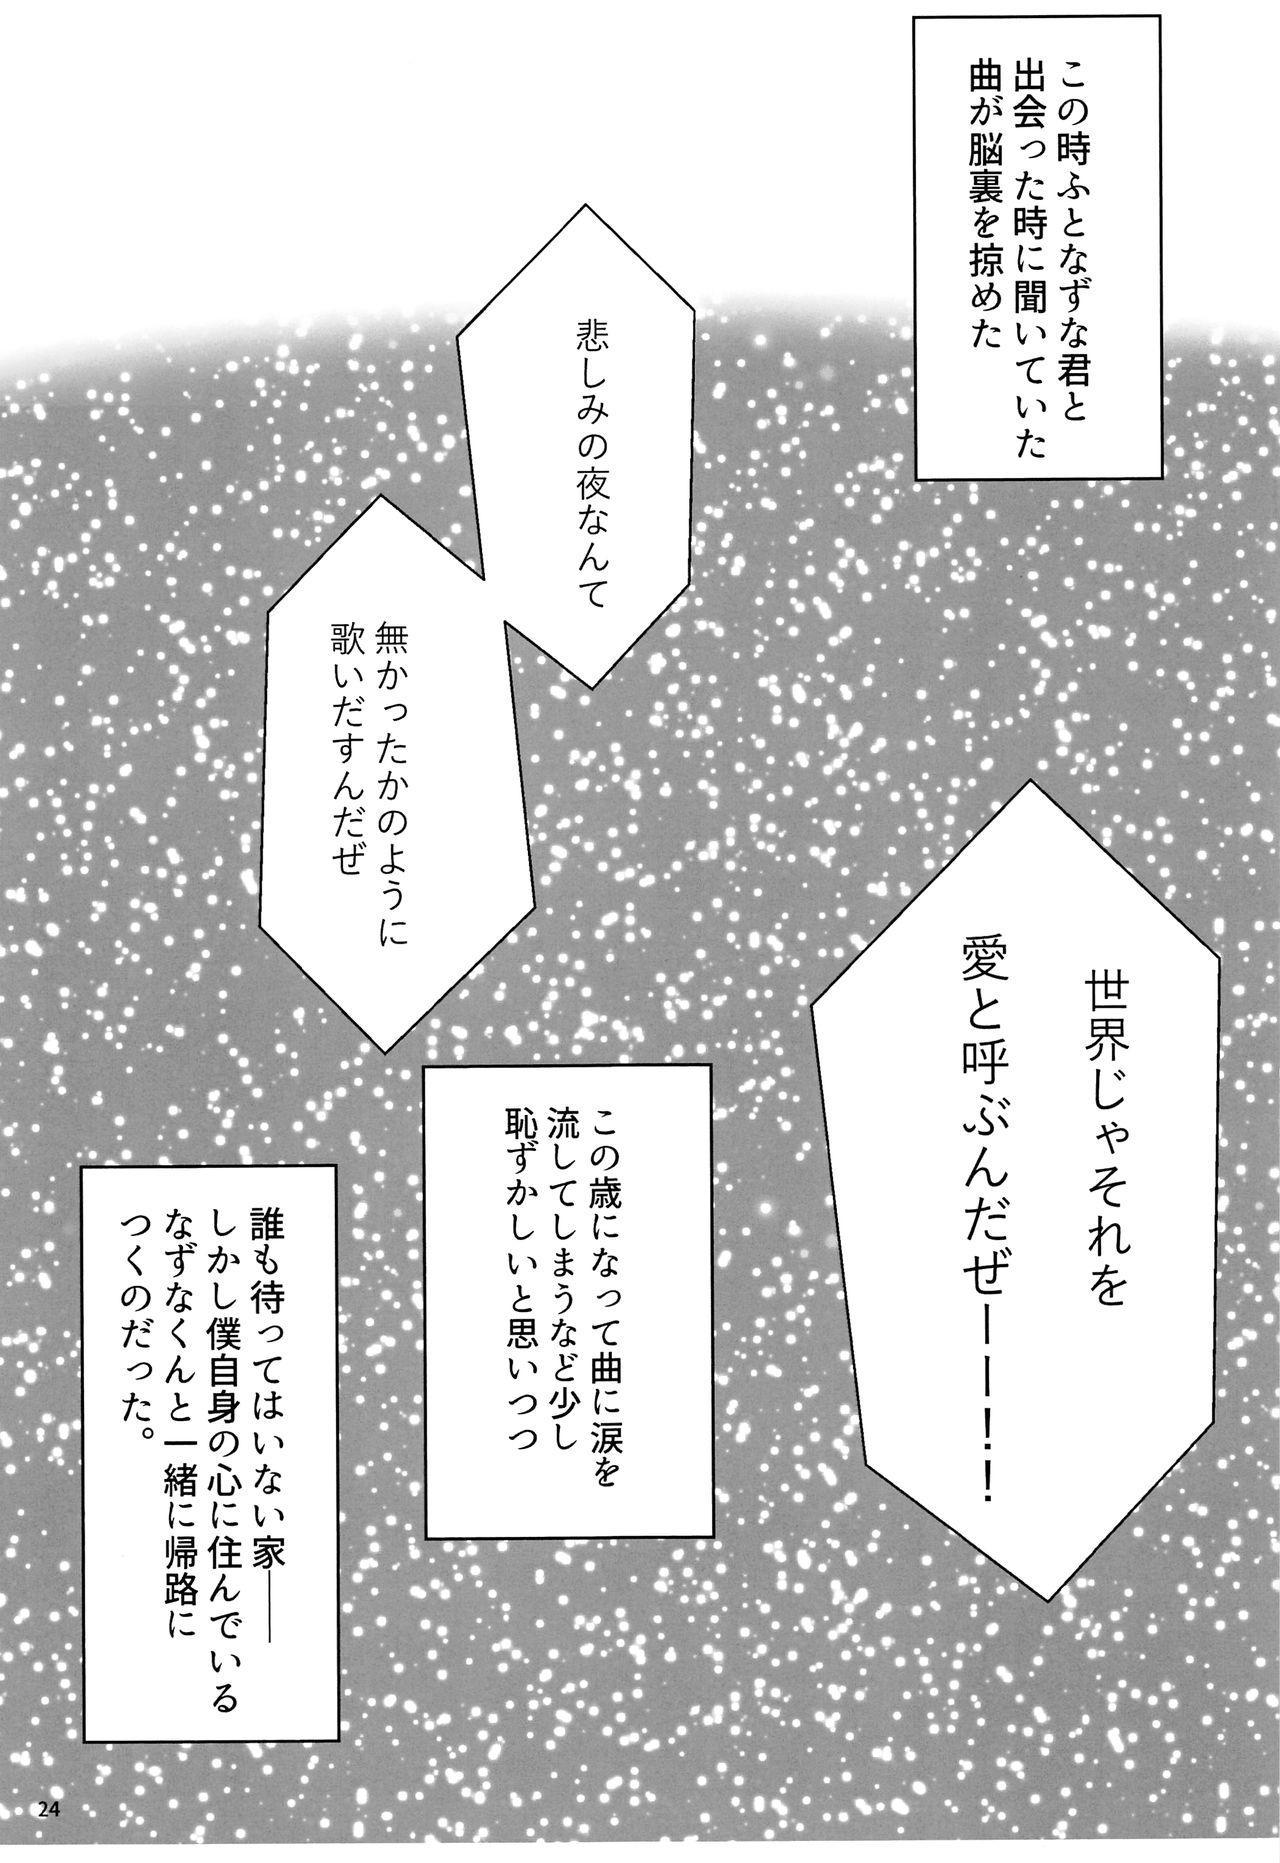 Nazuna-kun to Ecchi 23